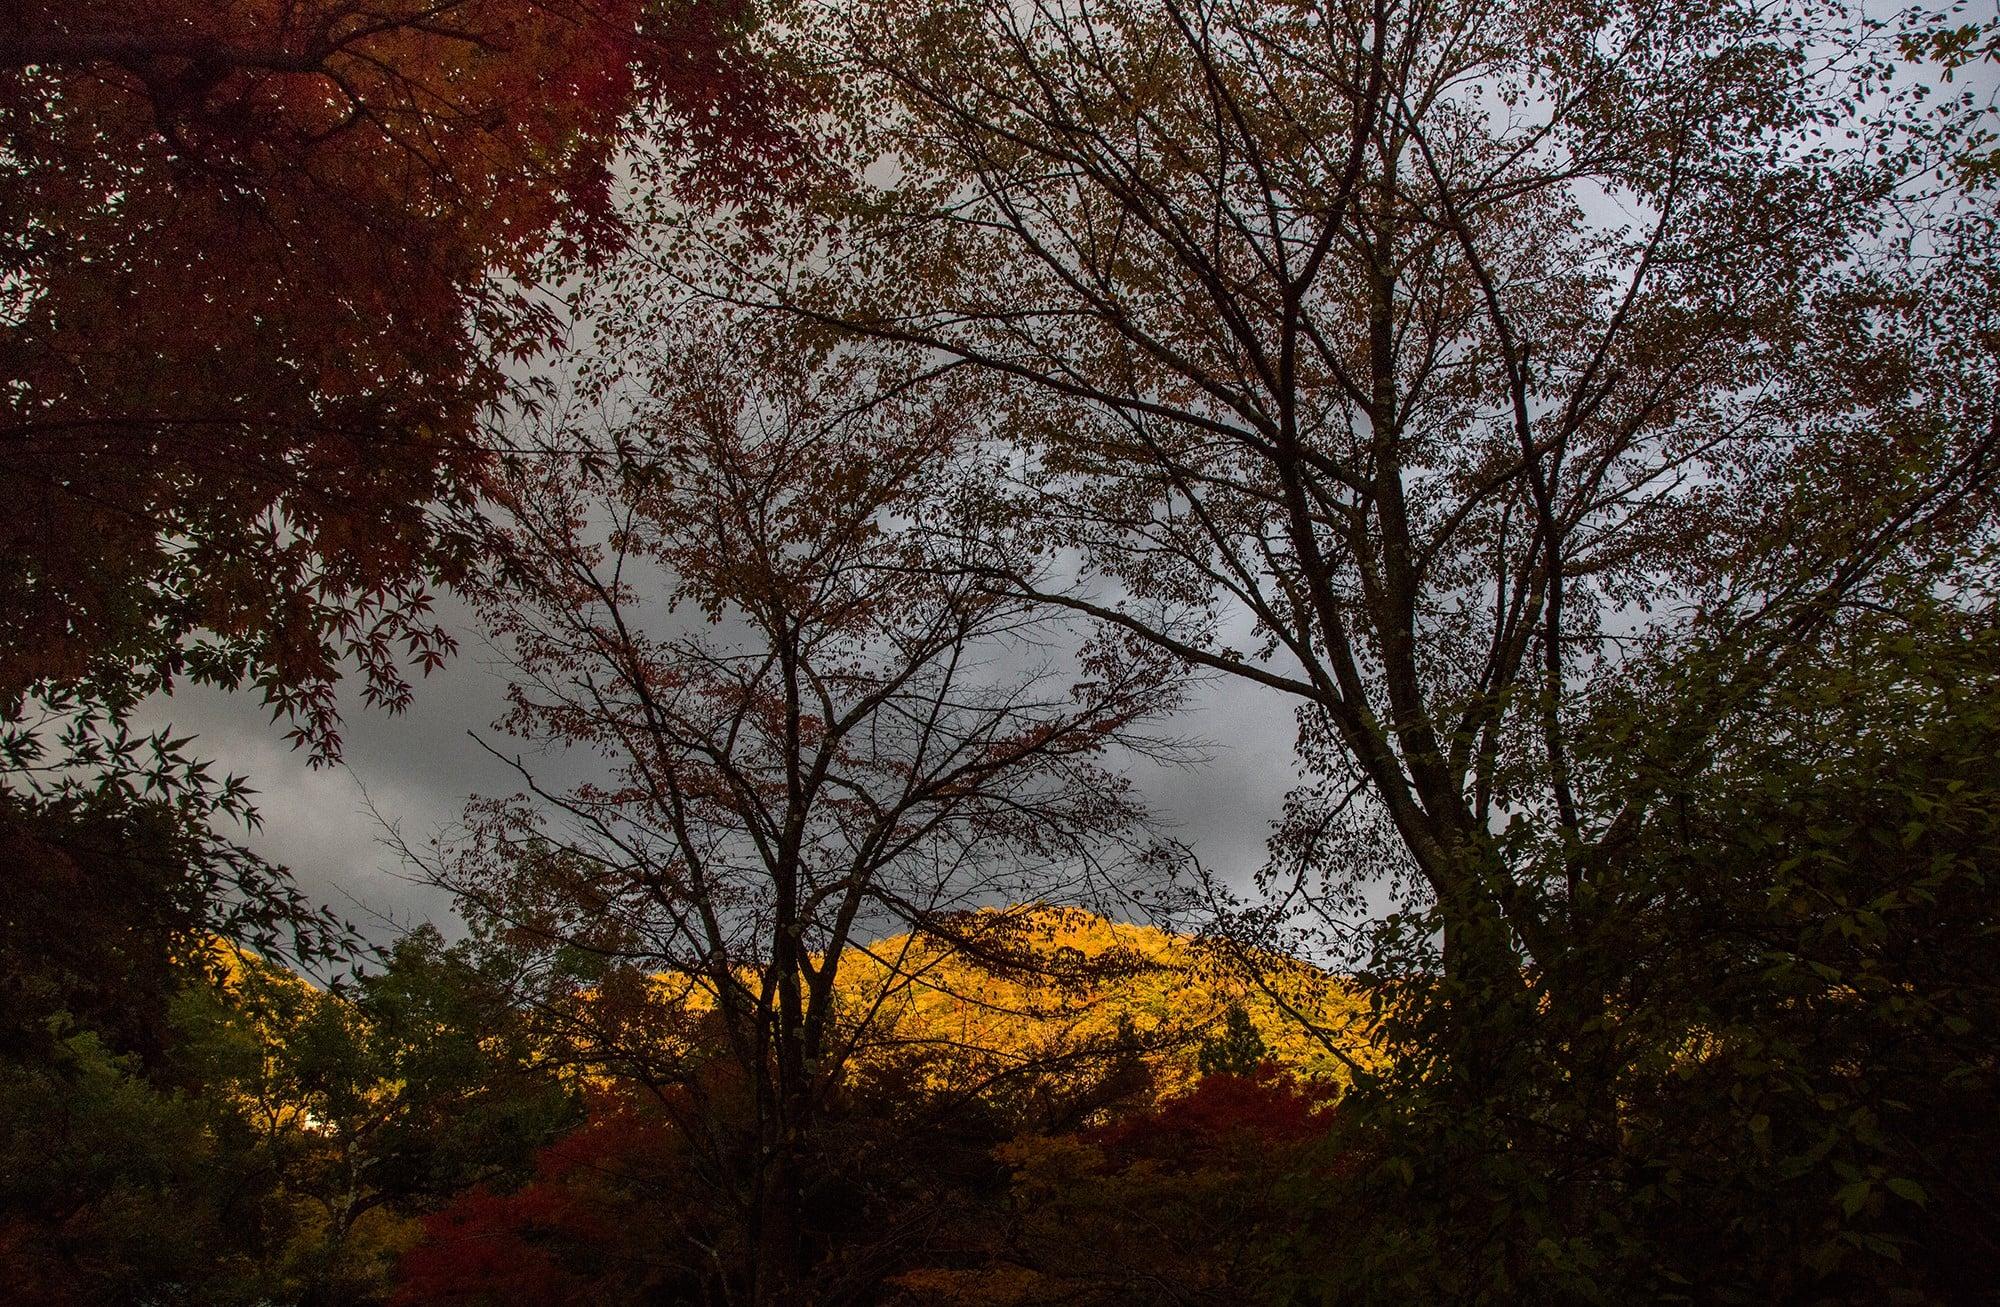 木々のすき間から望む夕日に染まる山々。その姿が幻想的に浮かび上がる。